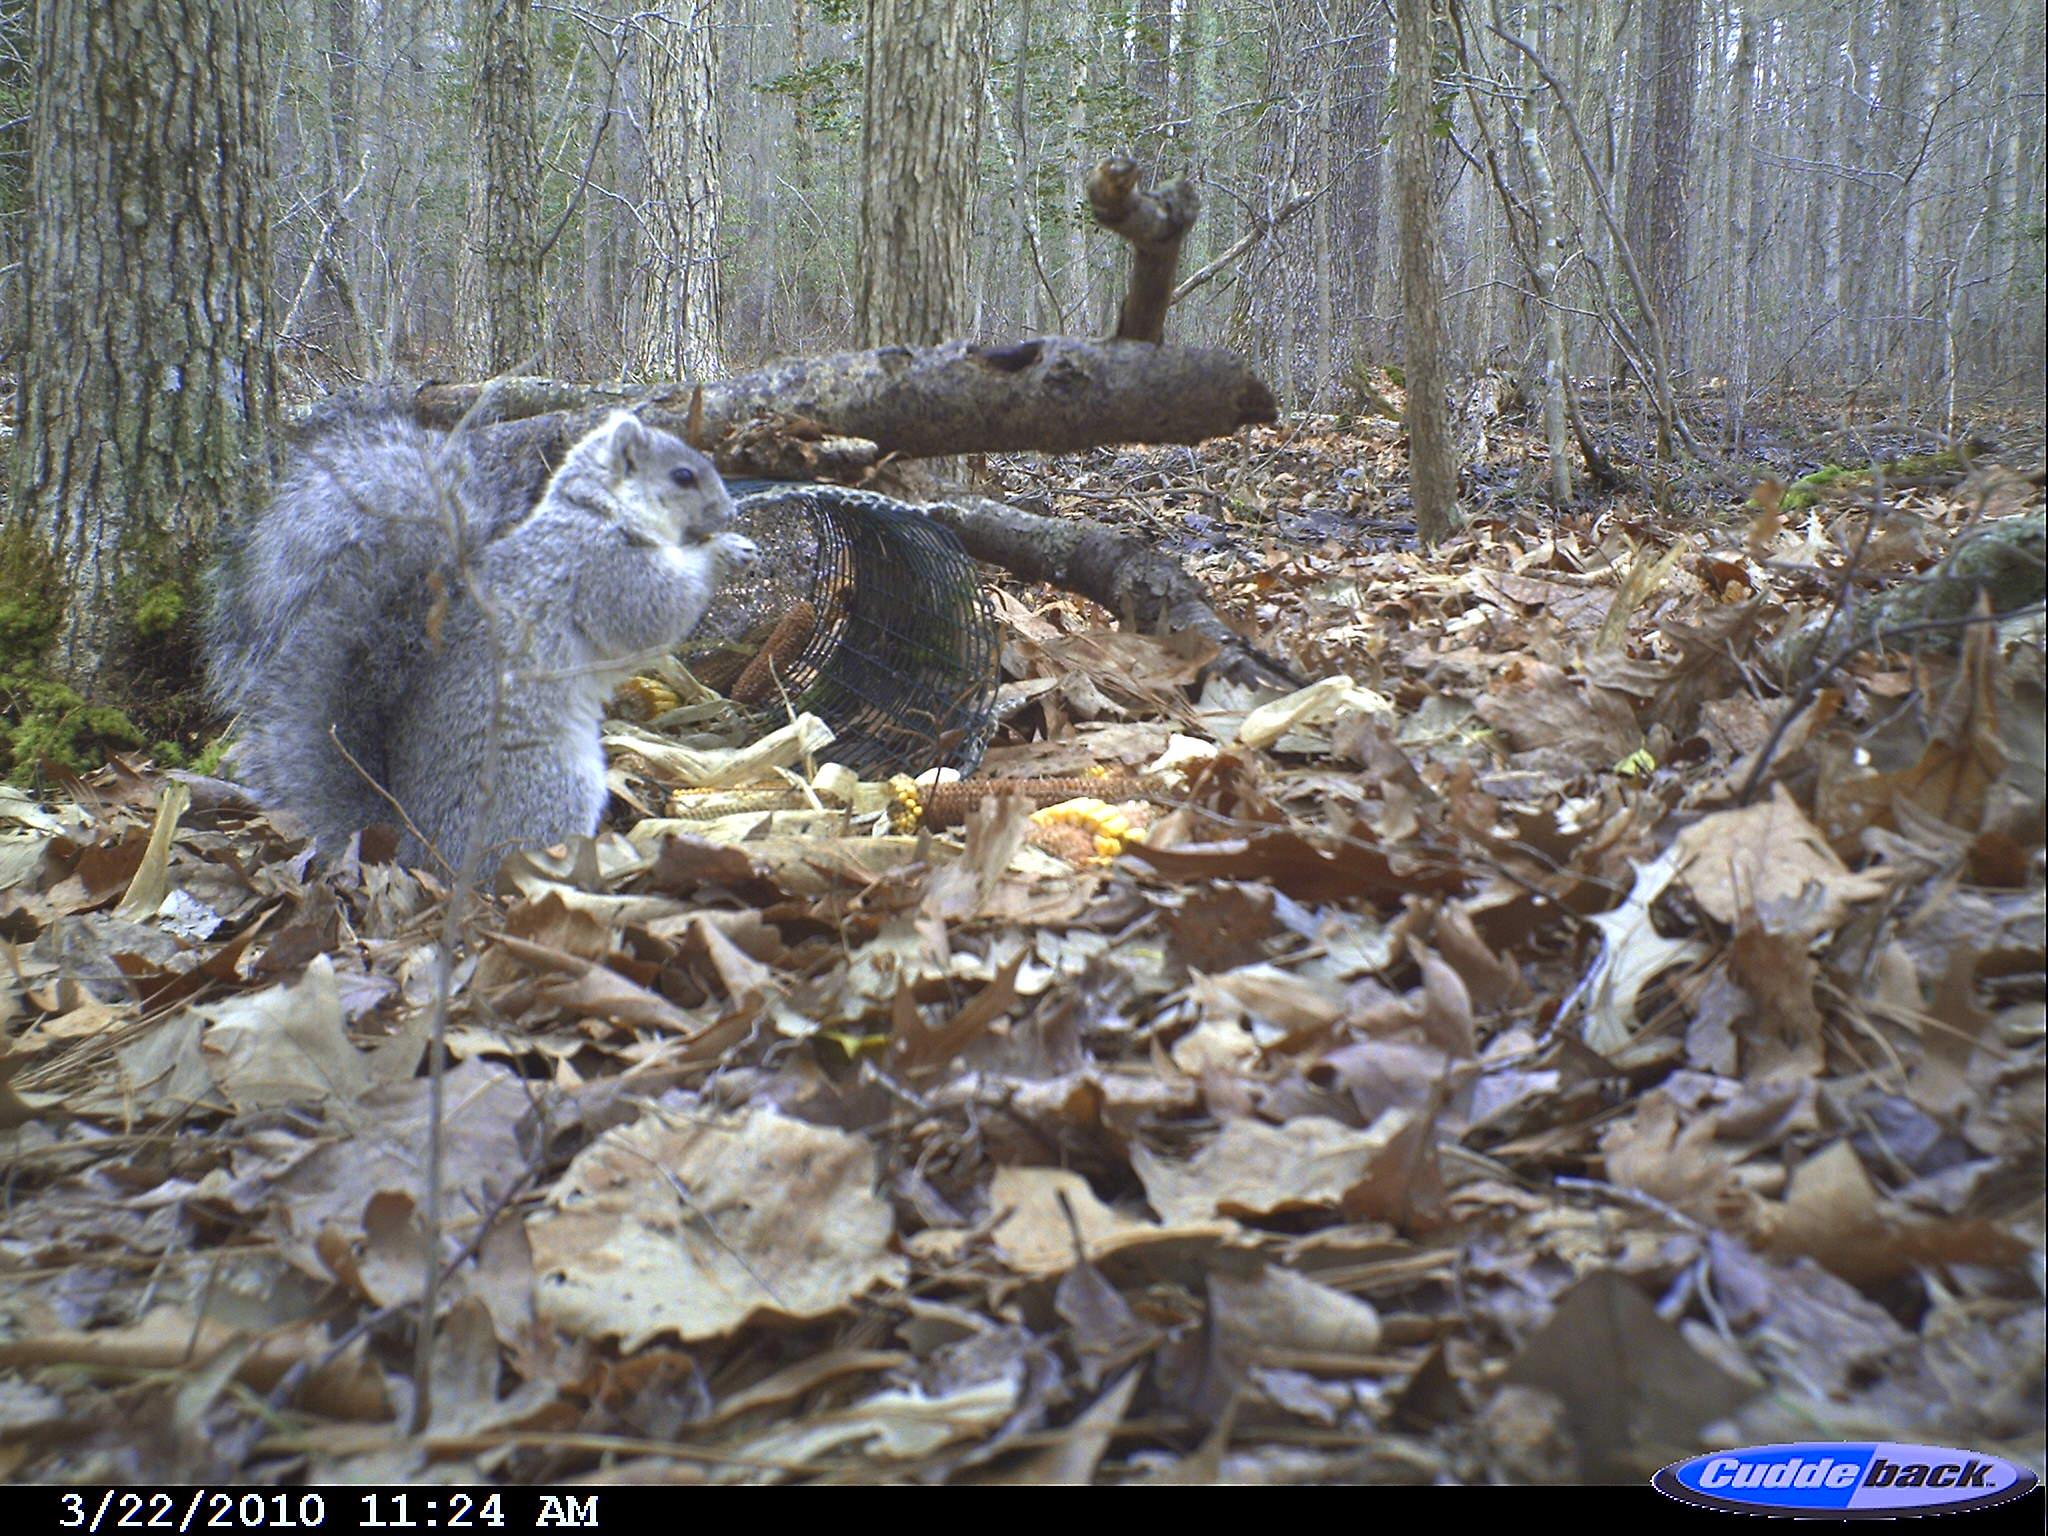 Delisting of Delmarva Fox Squirrel